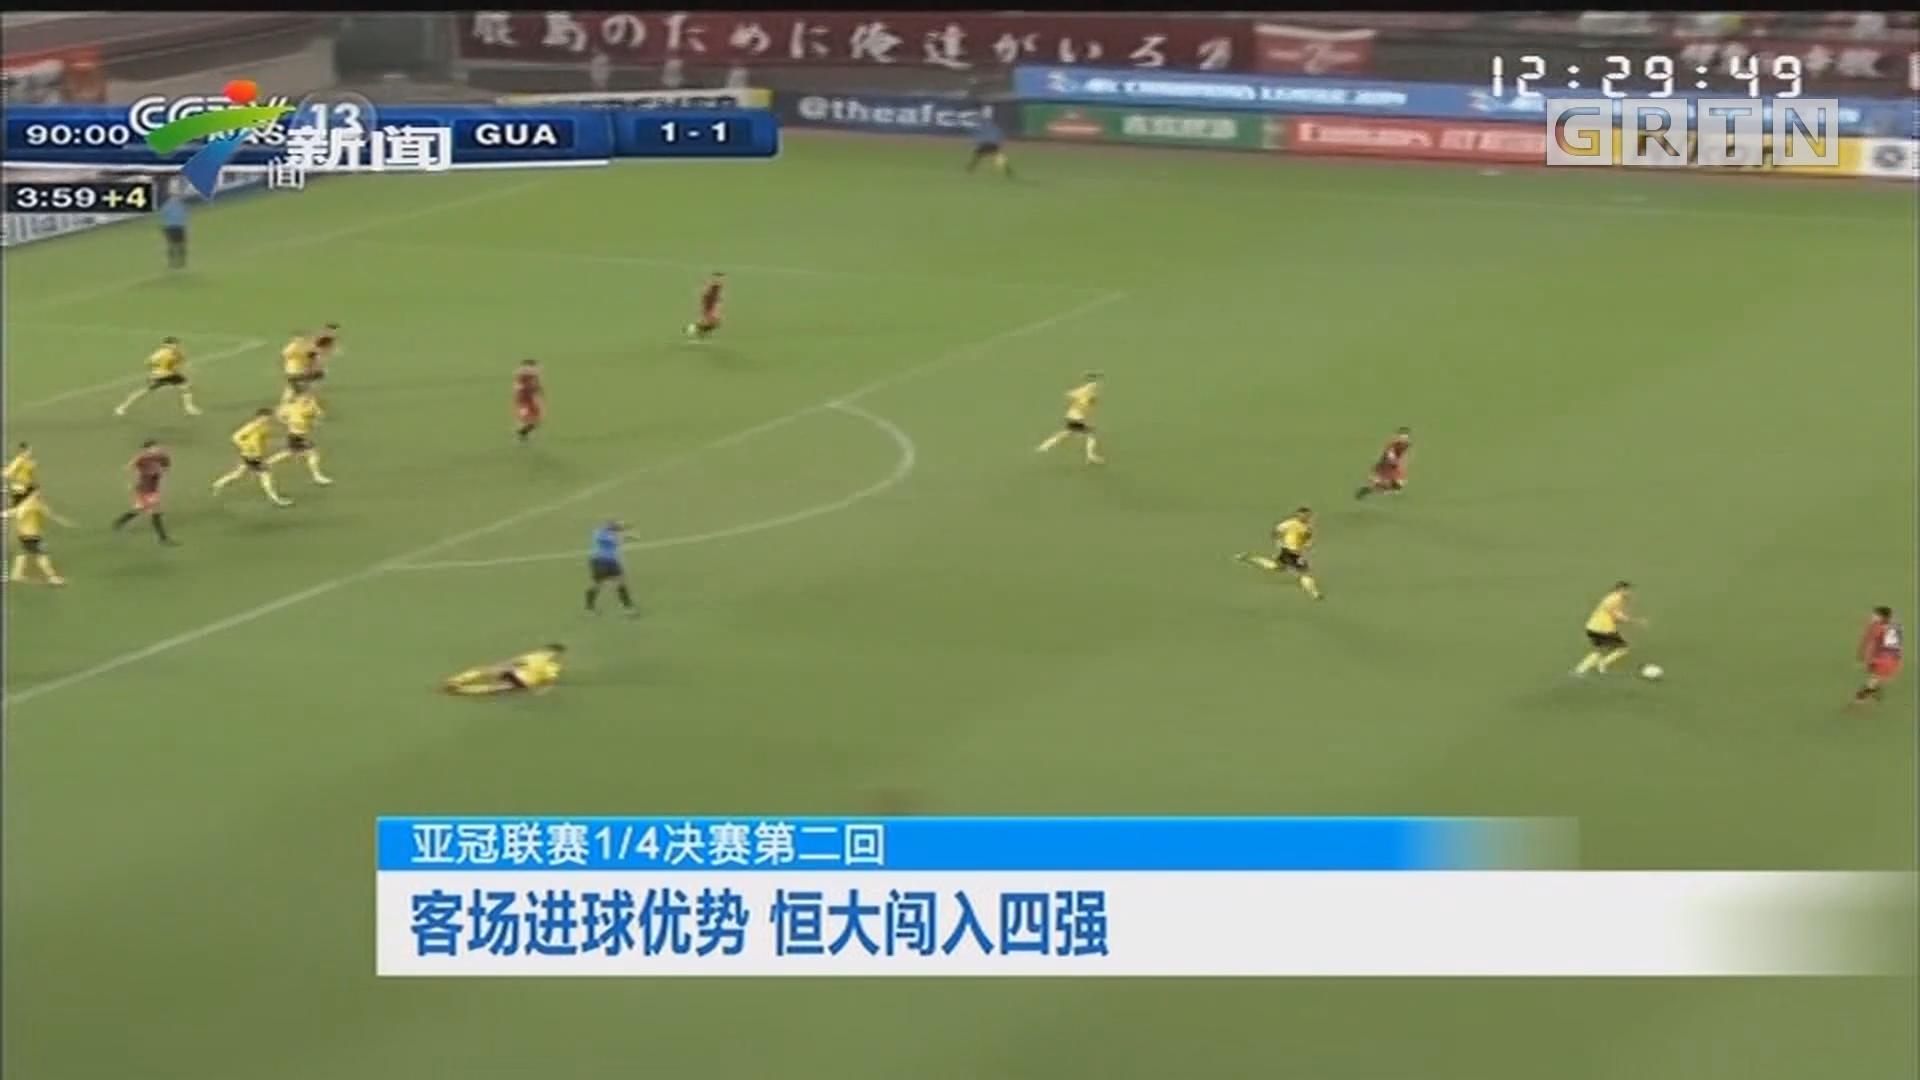 亚冠联赛1/4决赛第二回:客场进球优势 恒大闯入四强